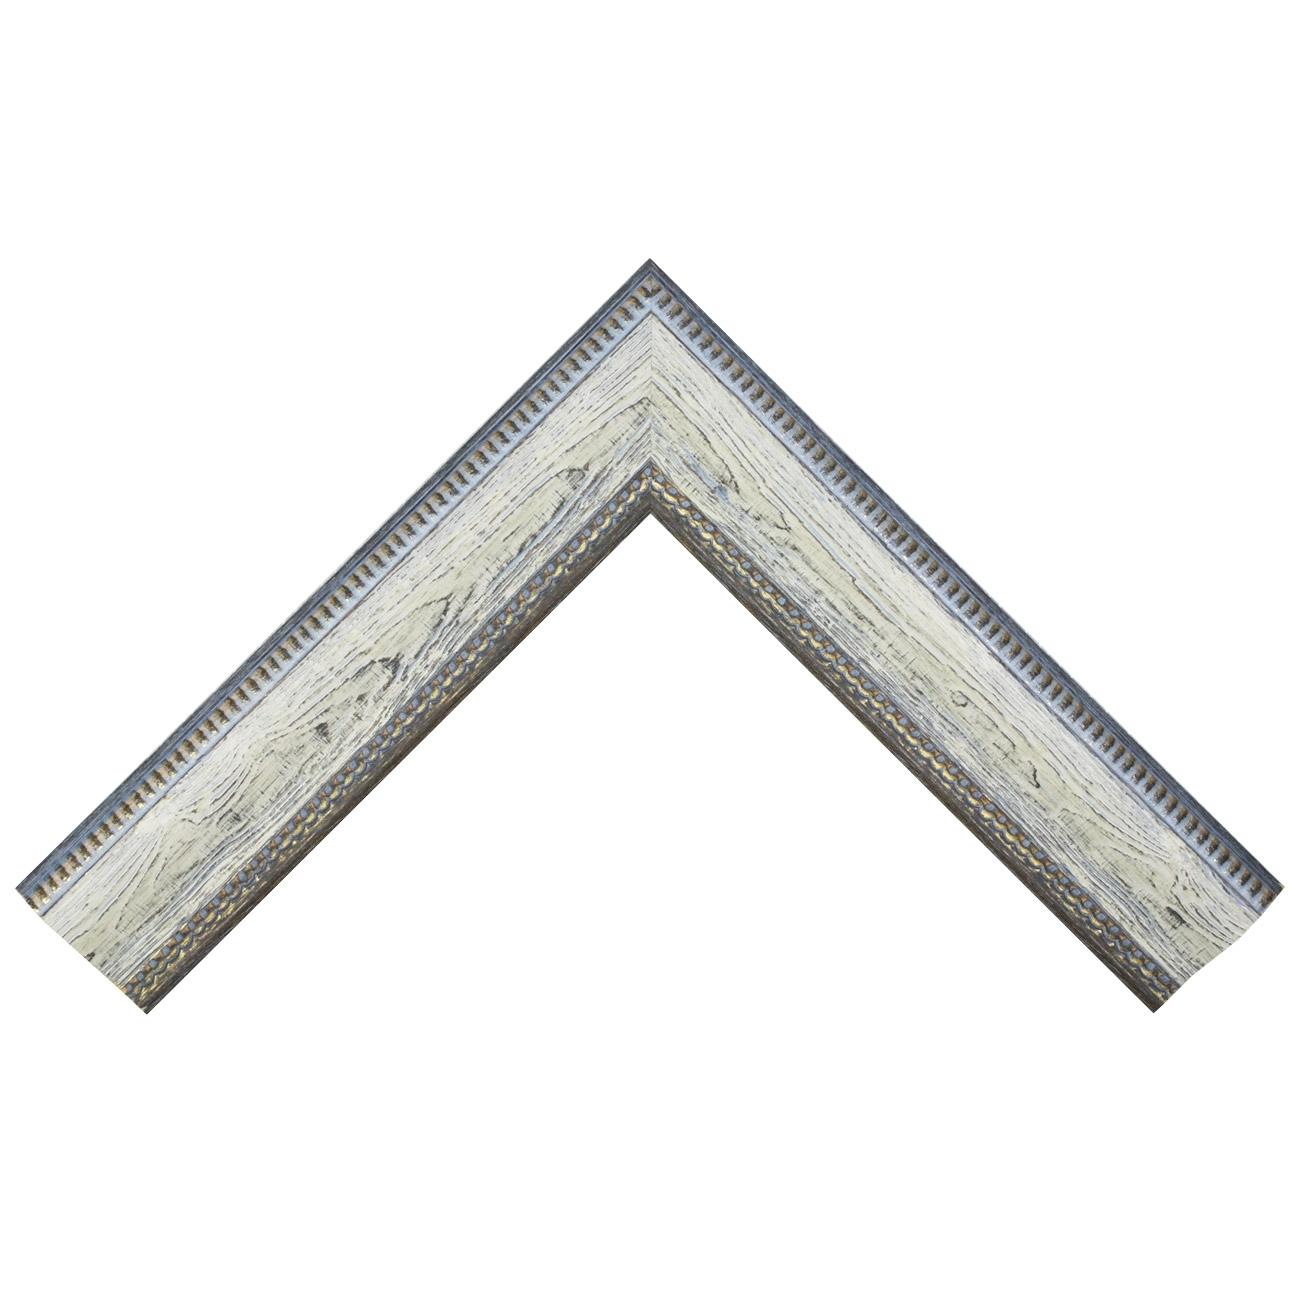 Baguette bois profil incurvé largeur 7cm couleur bleu blanchie  aspect veiné liseret or noirci